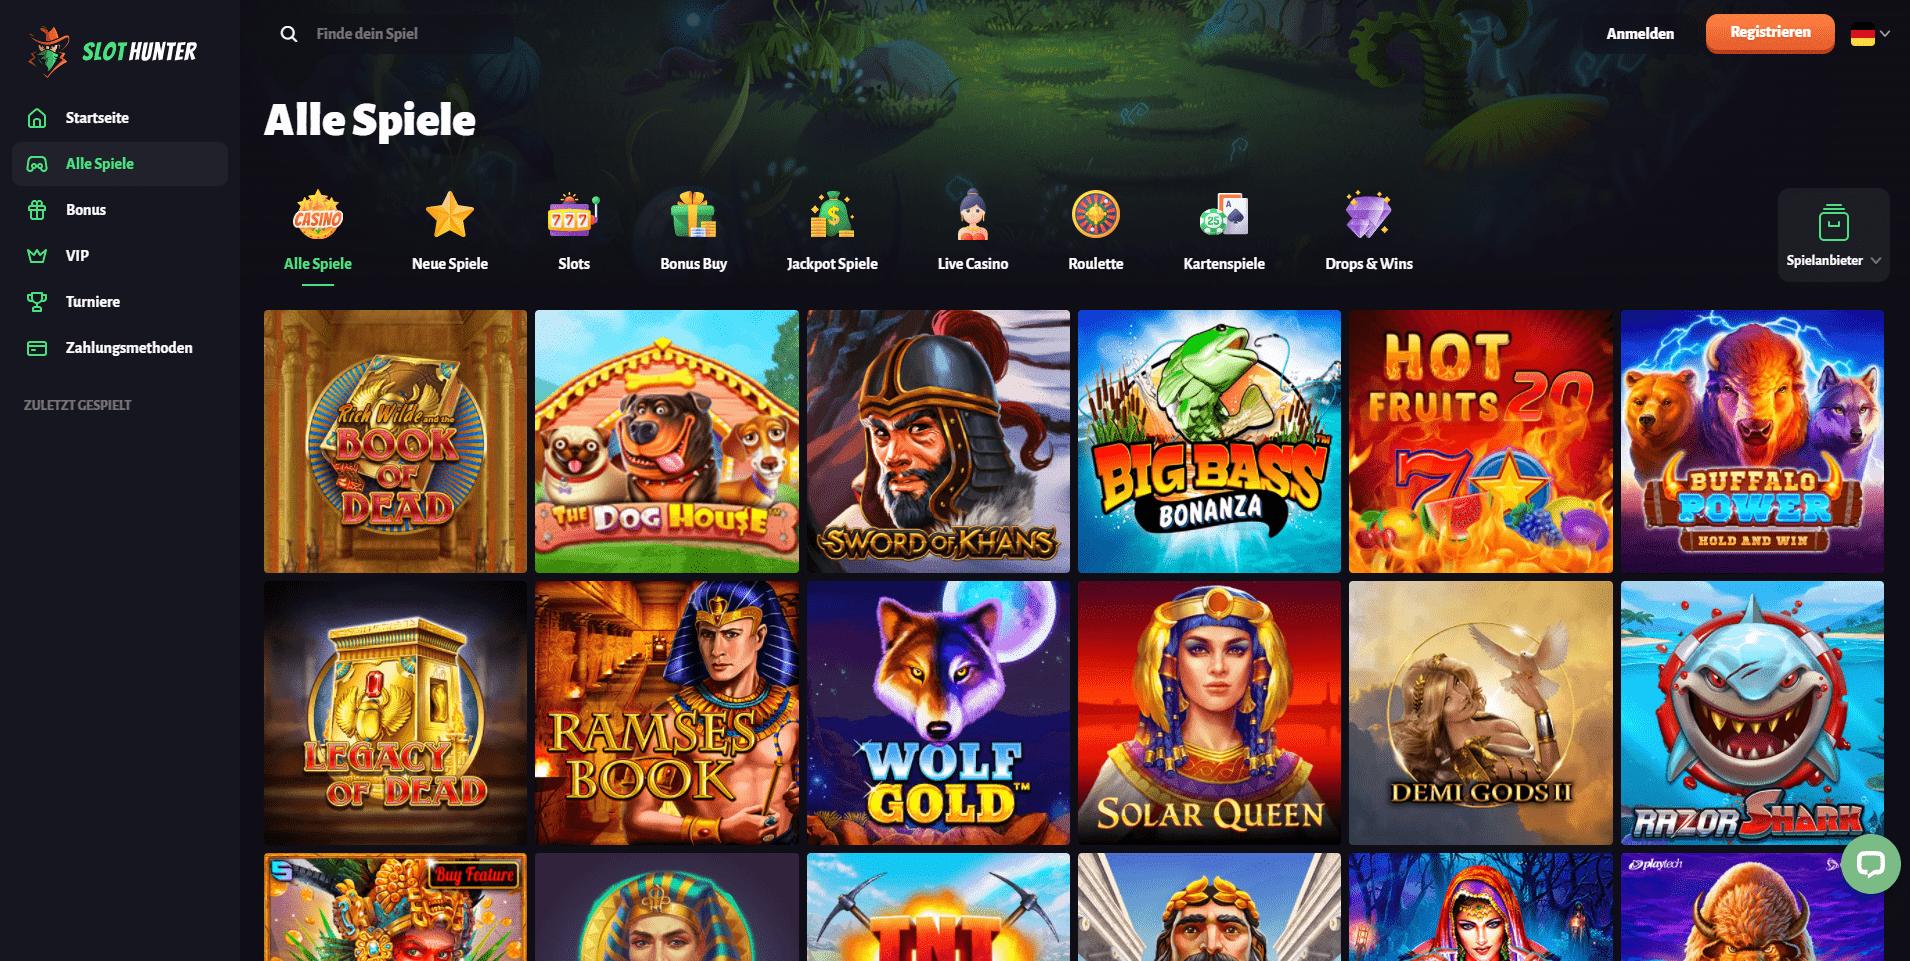 Slothunter Casino Auswahl an Spielen